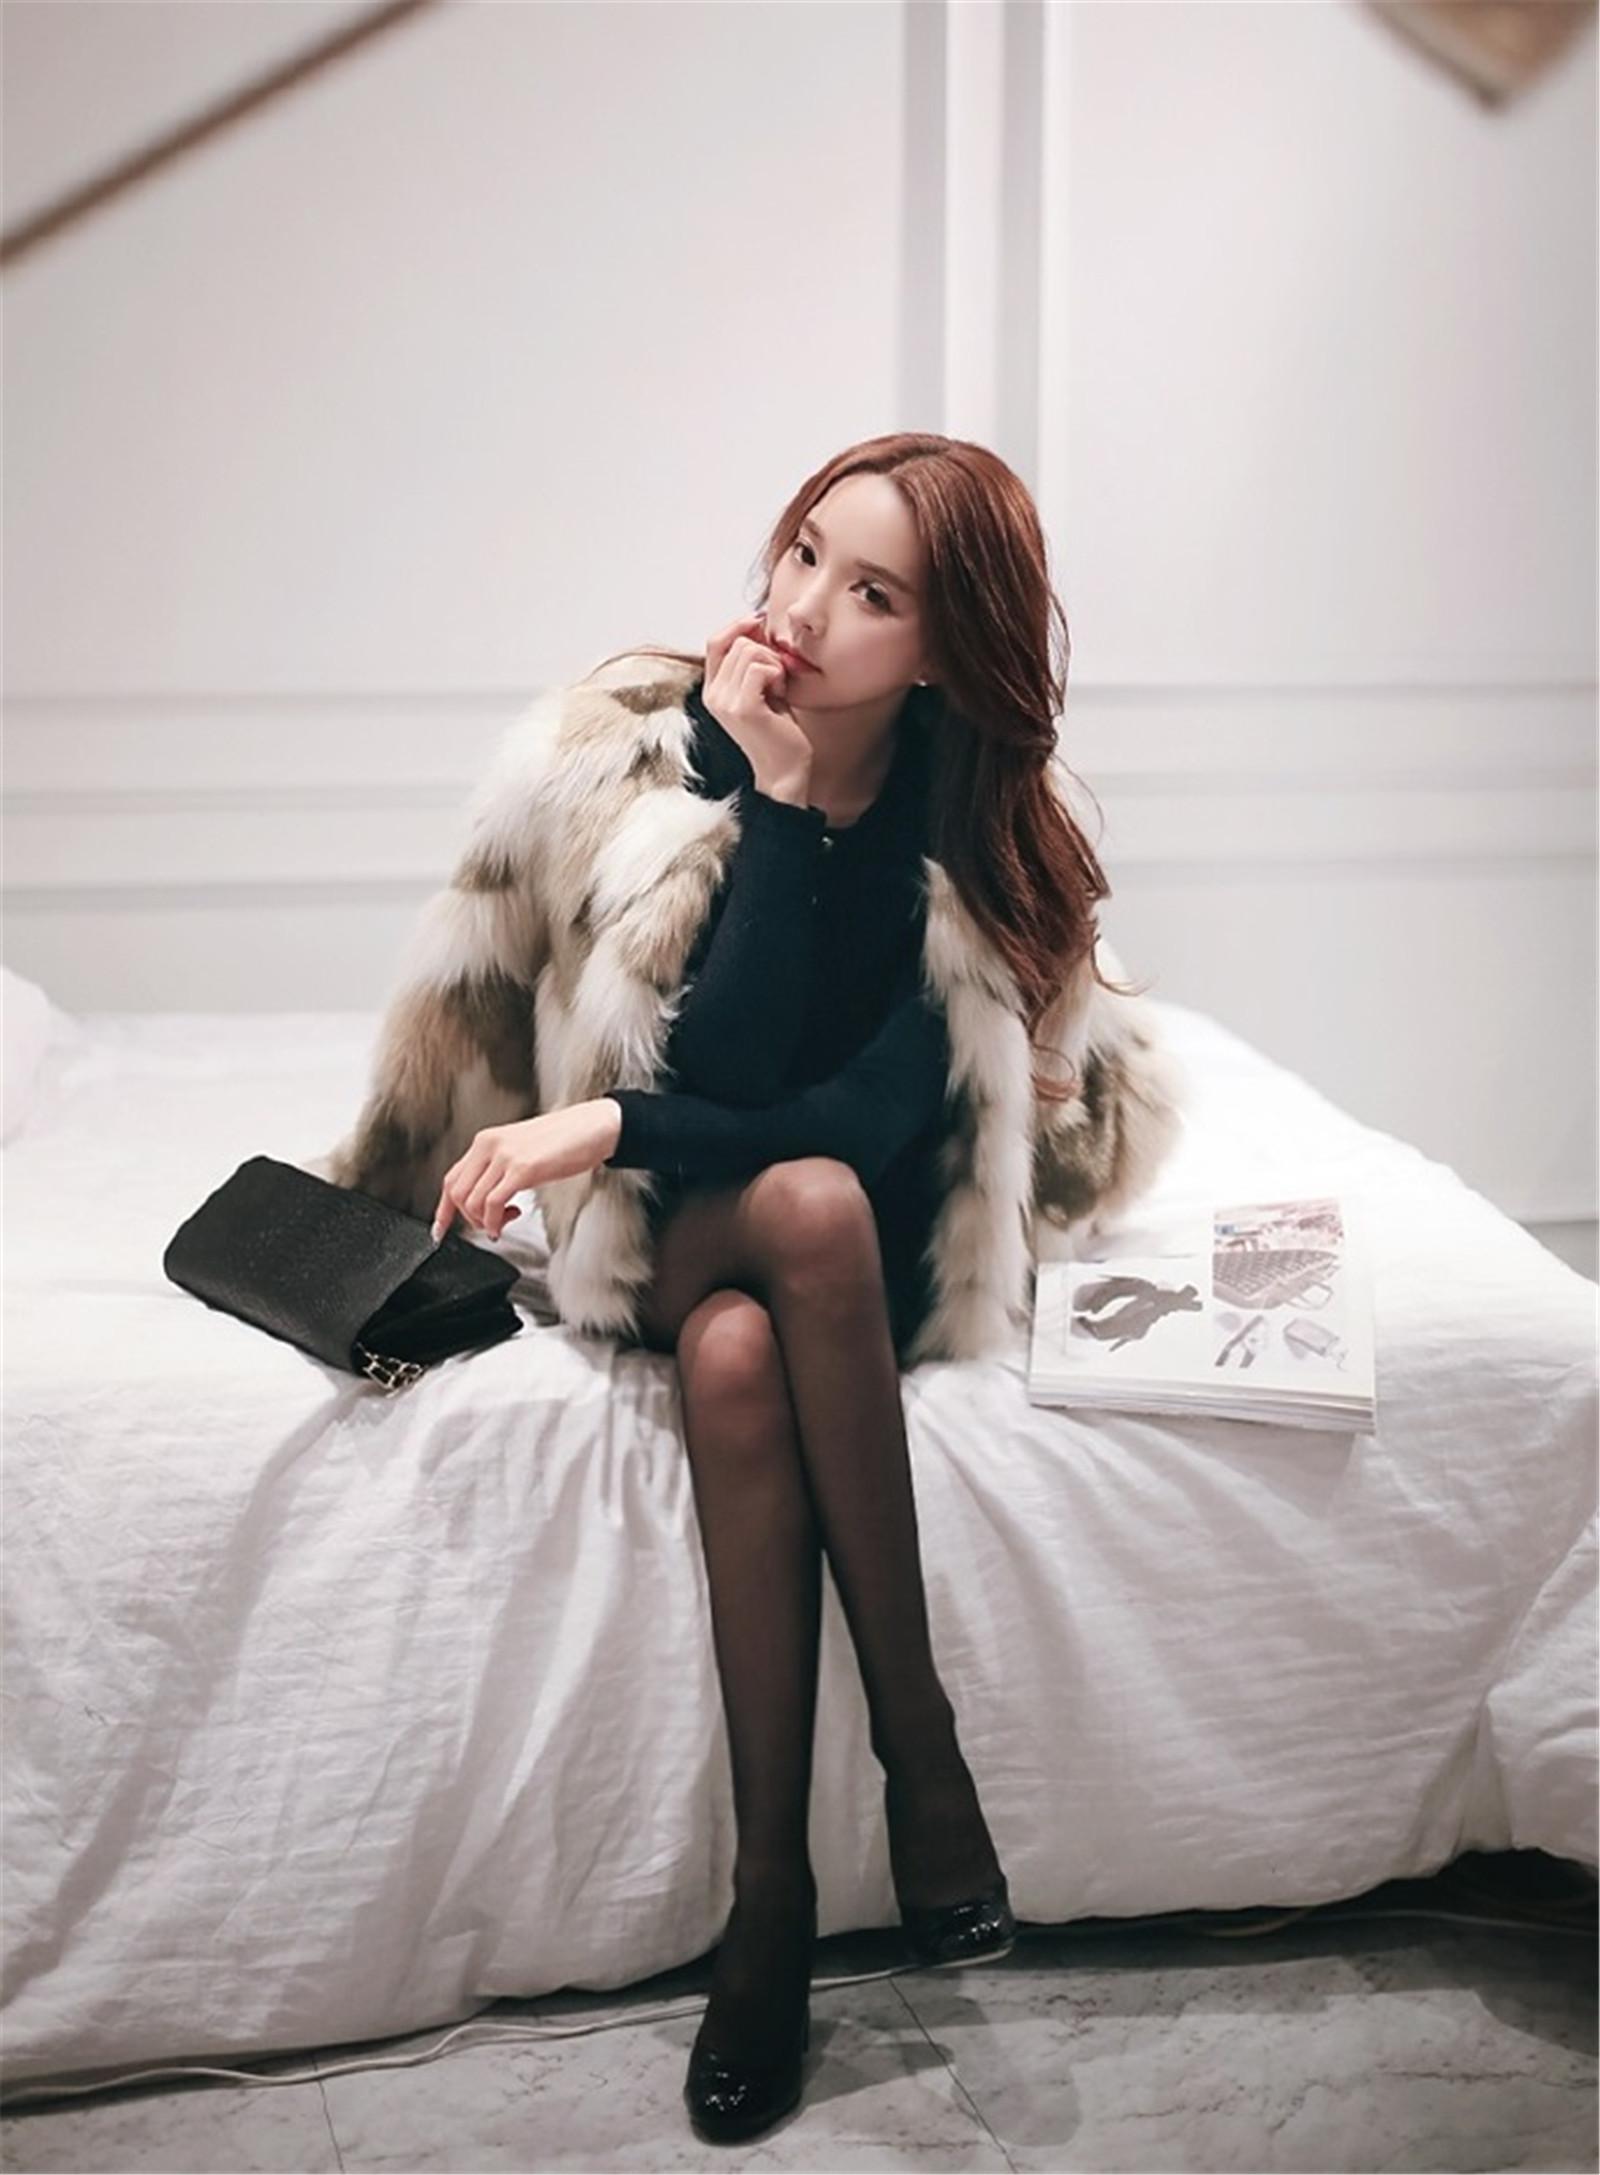 有美女�9��y�9�-yol_ol性感美女朴秀然黑丝袜大长腿迷人摄影图片